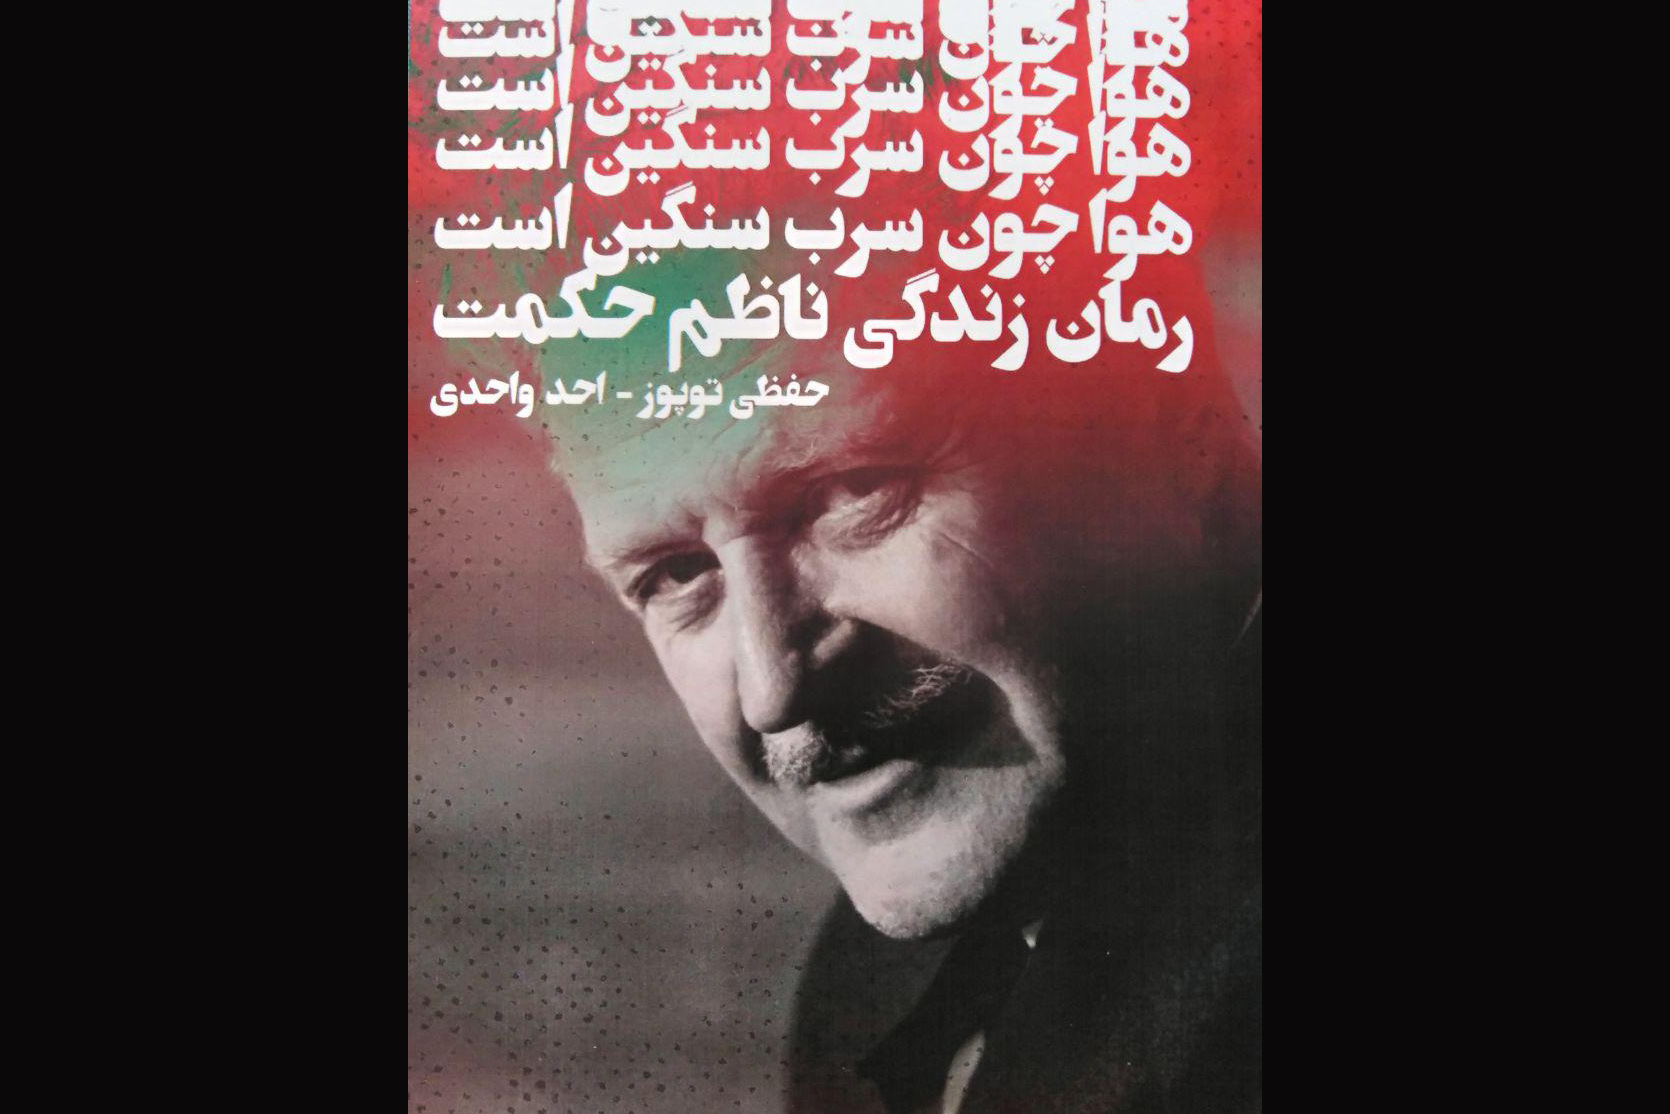 ترجمه رمان زندگی «ناظم حکمت» به زبان فارسی